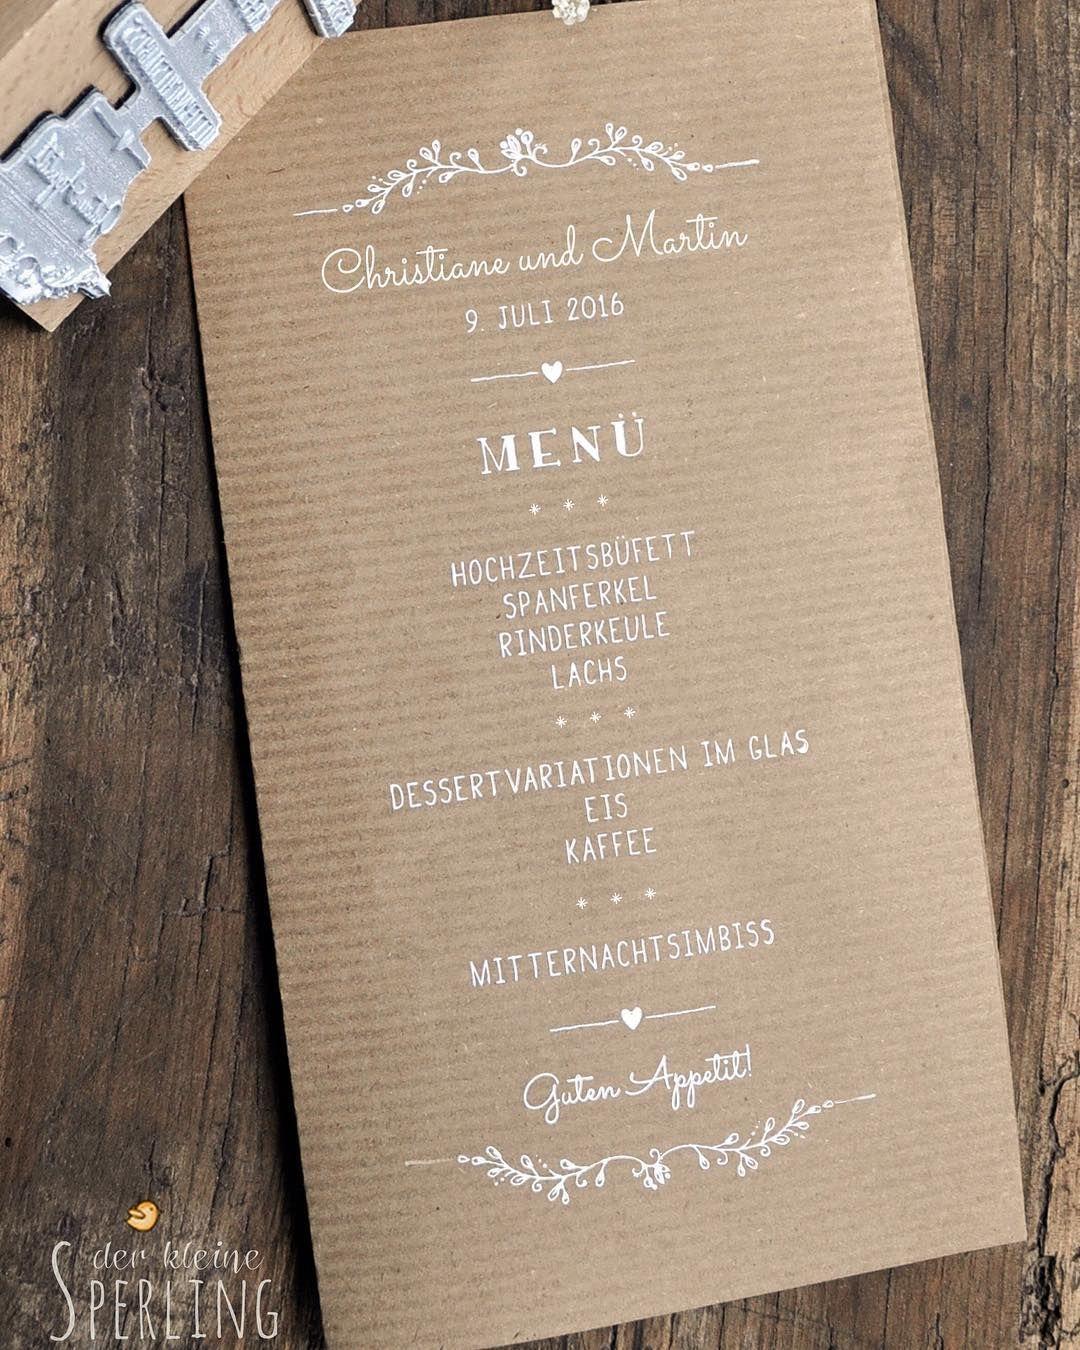 Werbung Ein Extragrosser Menu Stempel Fur Eure Hochzeit Stempelt Auf Kraftpapier Weissem Papier Oder Stoffservietten Ht In 2020 Spanferkel Eis Kaffee Papier